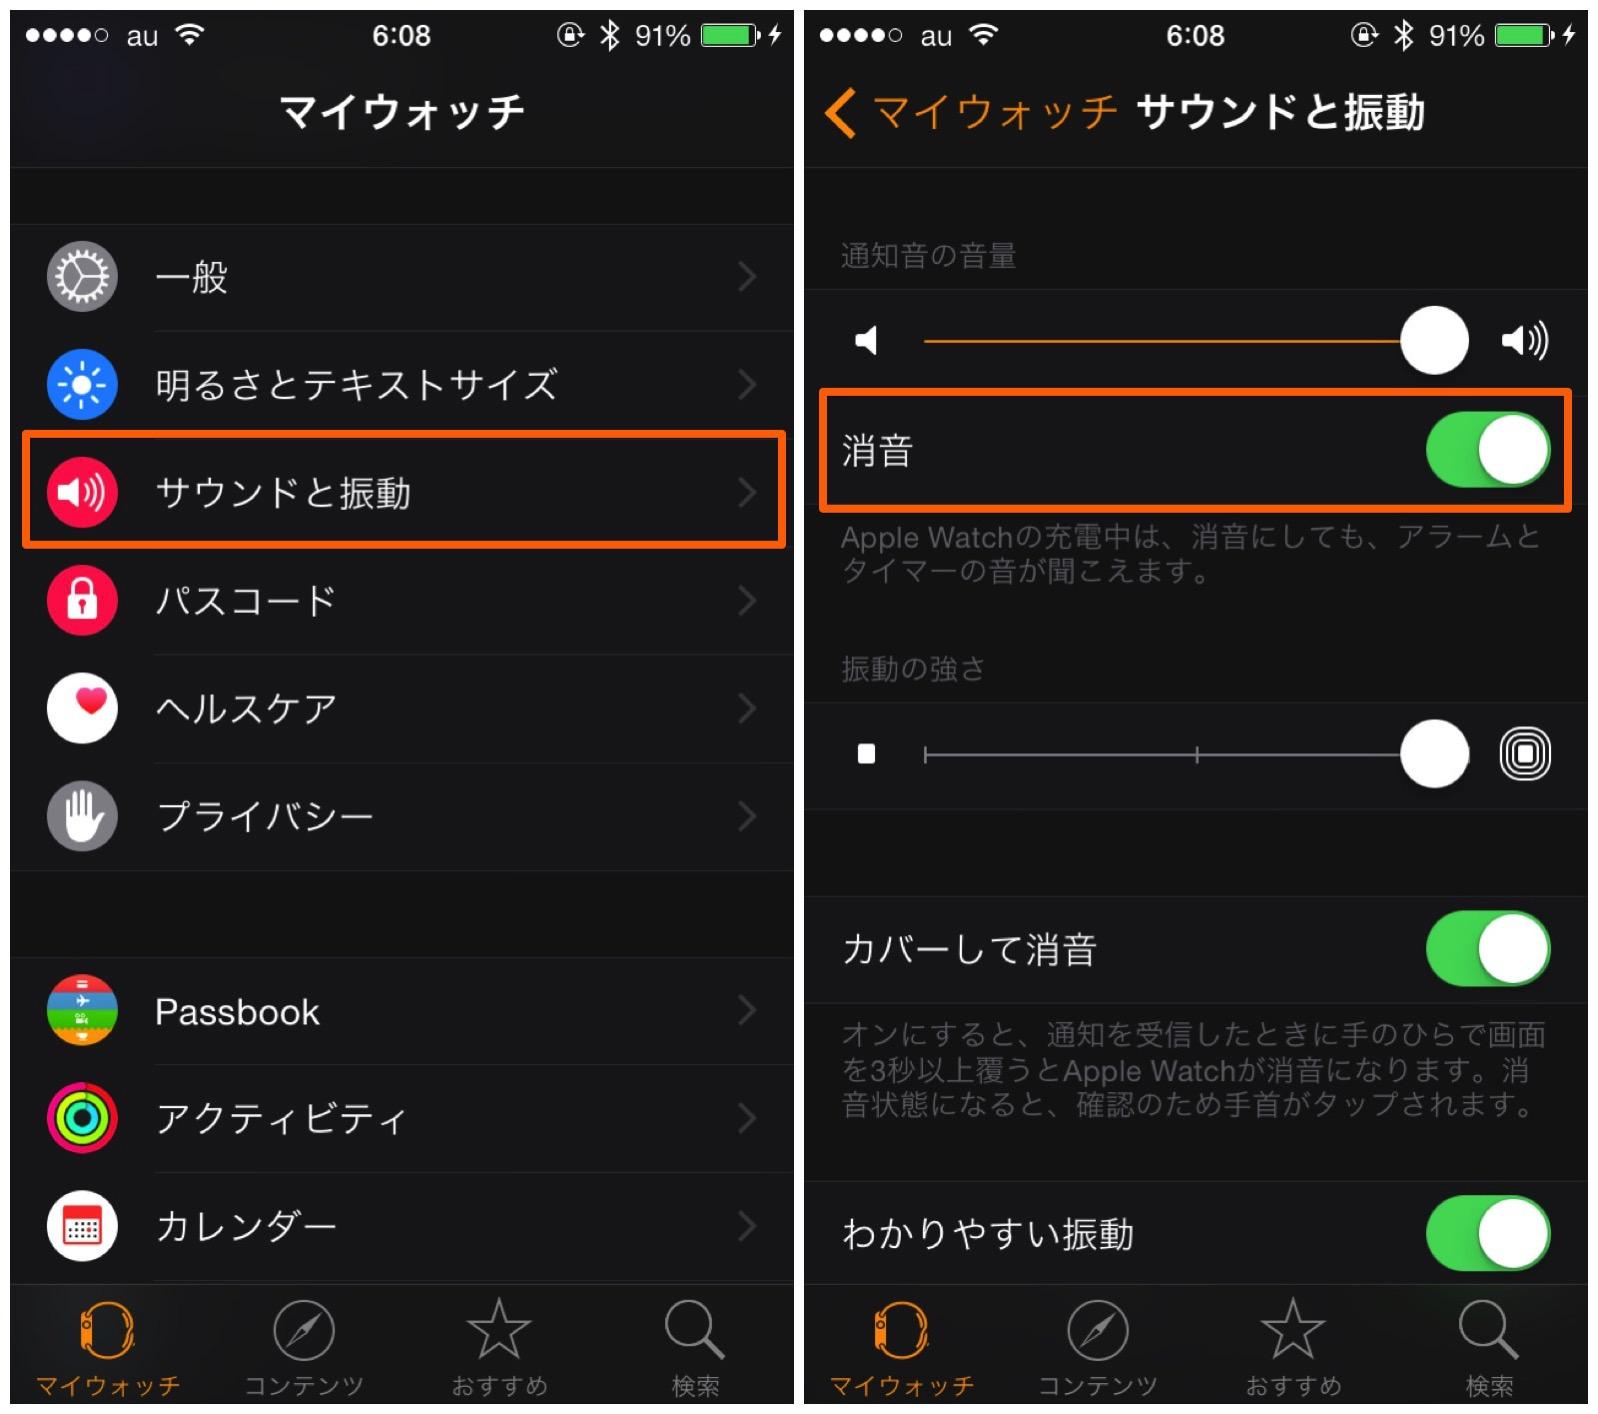 iPhone の Apple Watch アプリから消音モードを有効にする